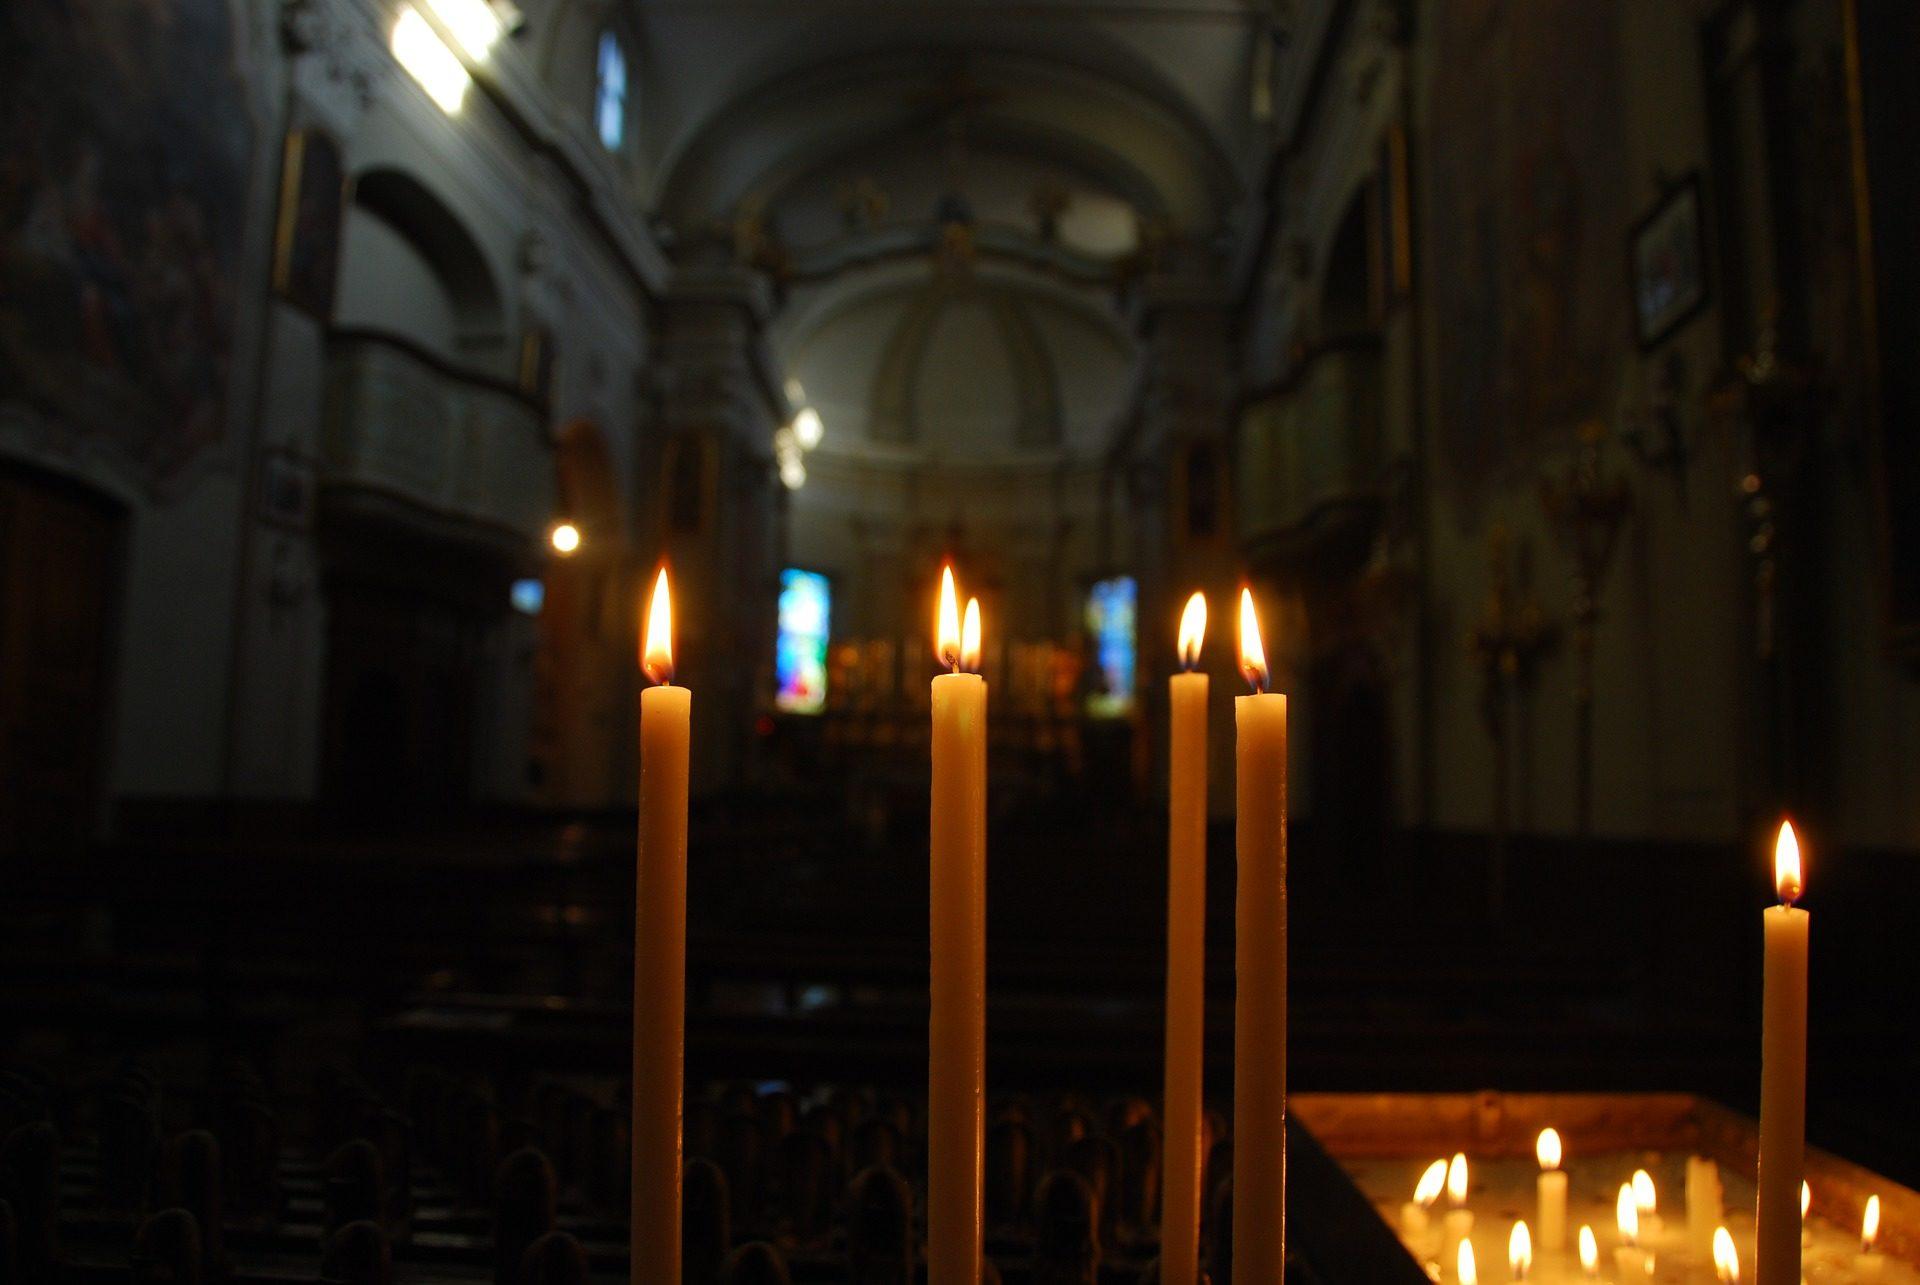 κεριά, Εκκλησία, Ναός, προσευχή, φως, φλόγα - Wallpapers HD - Professor-falken.com